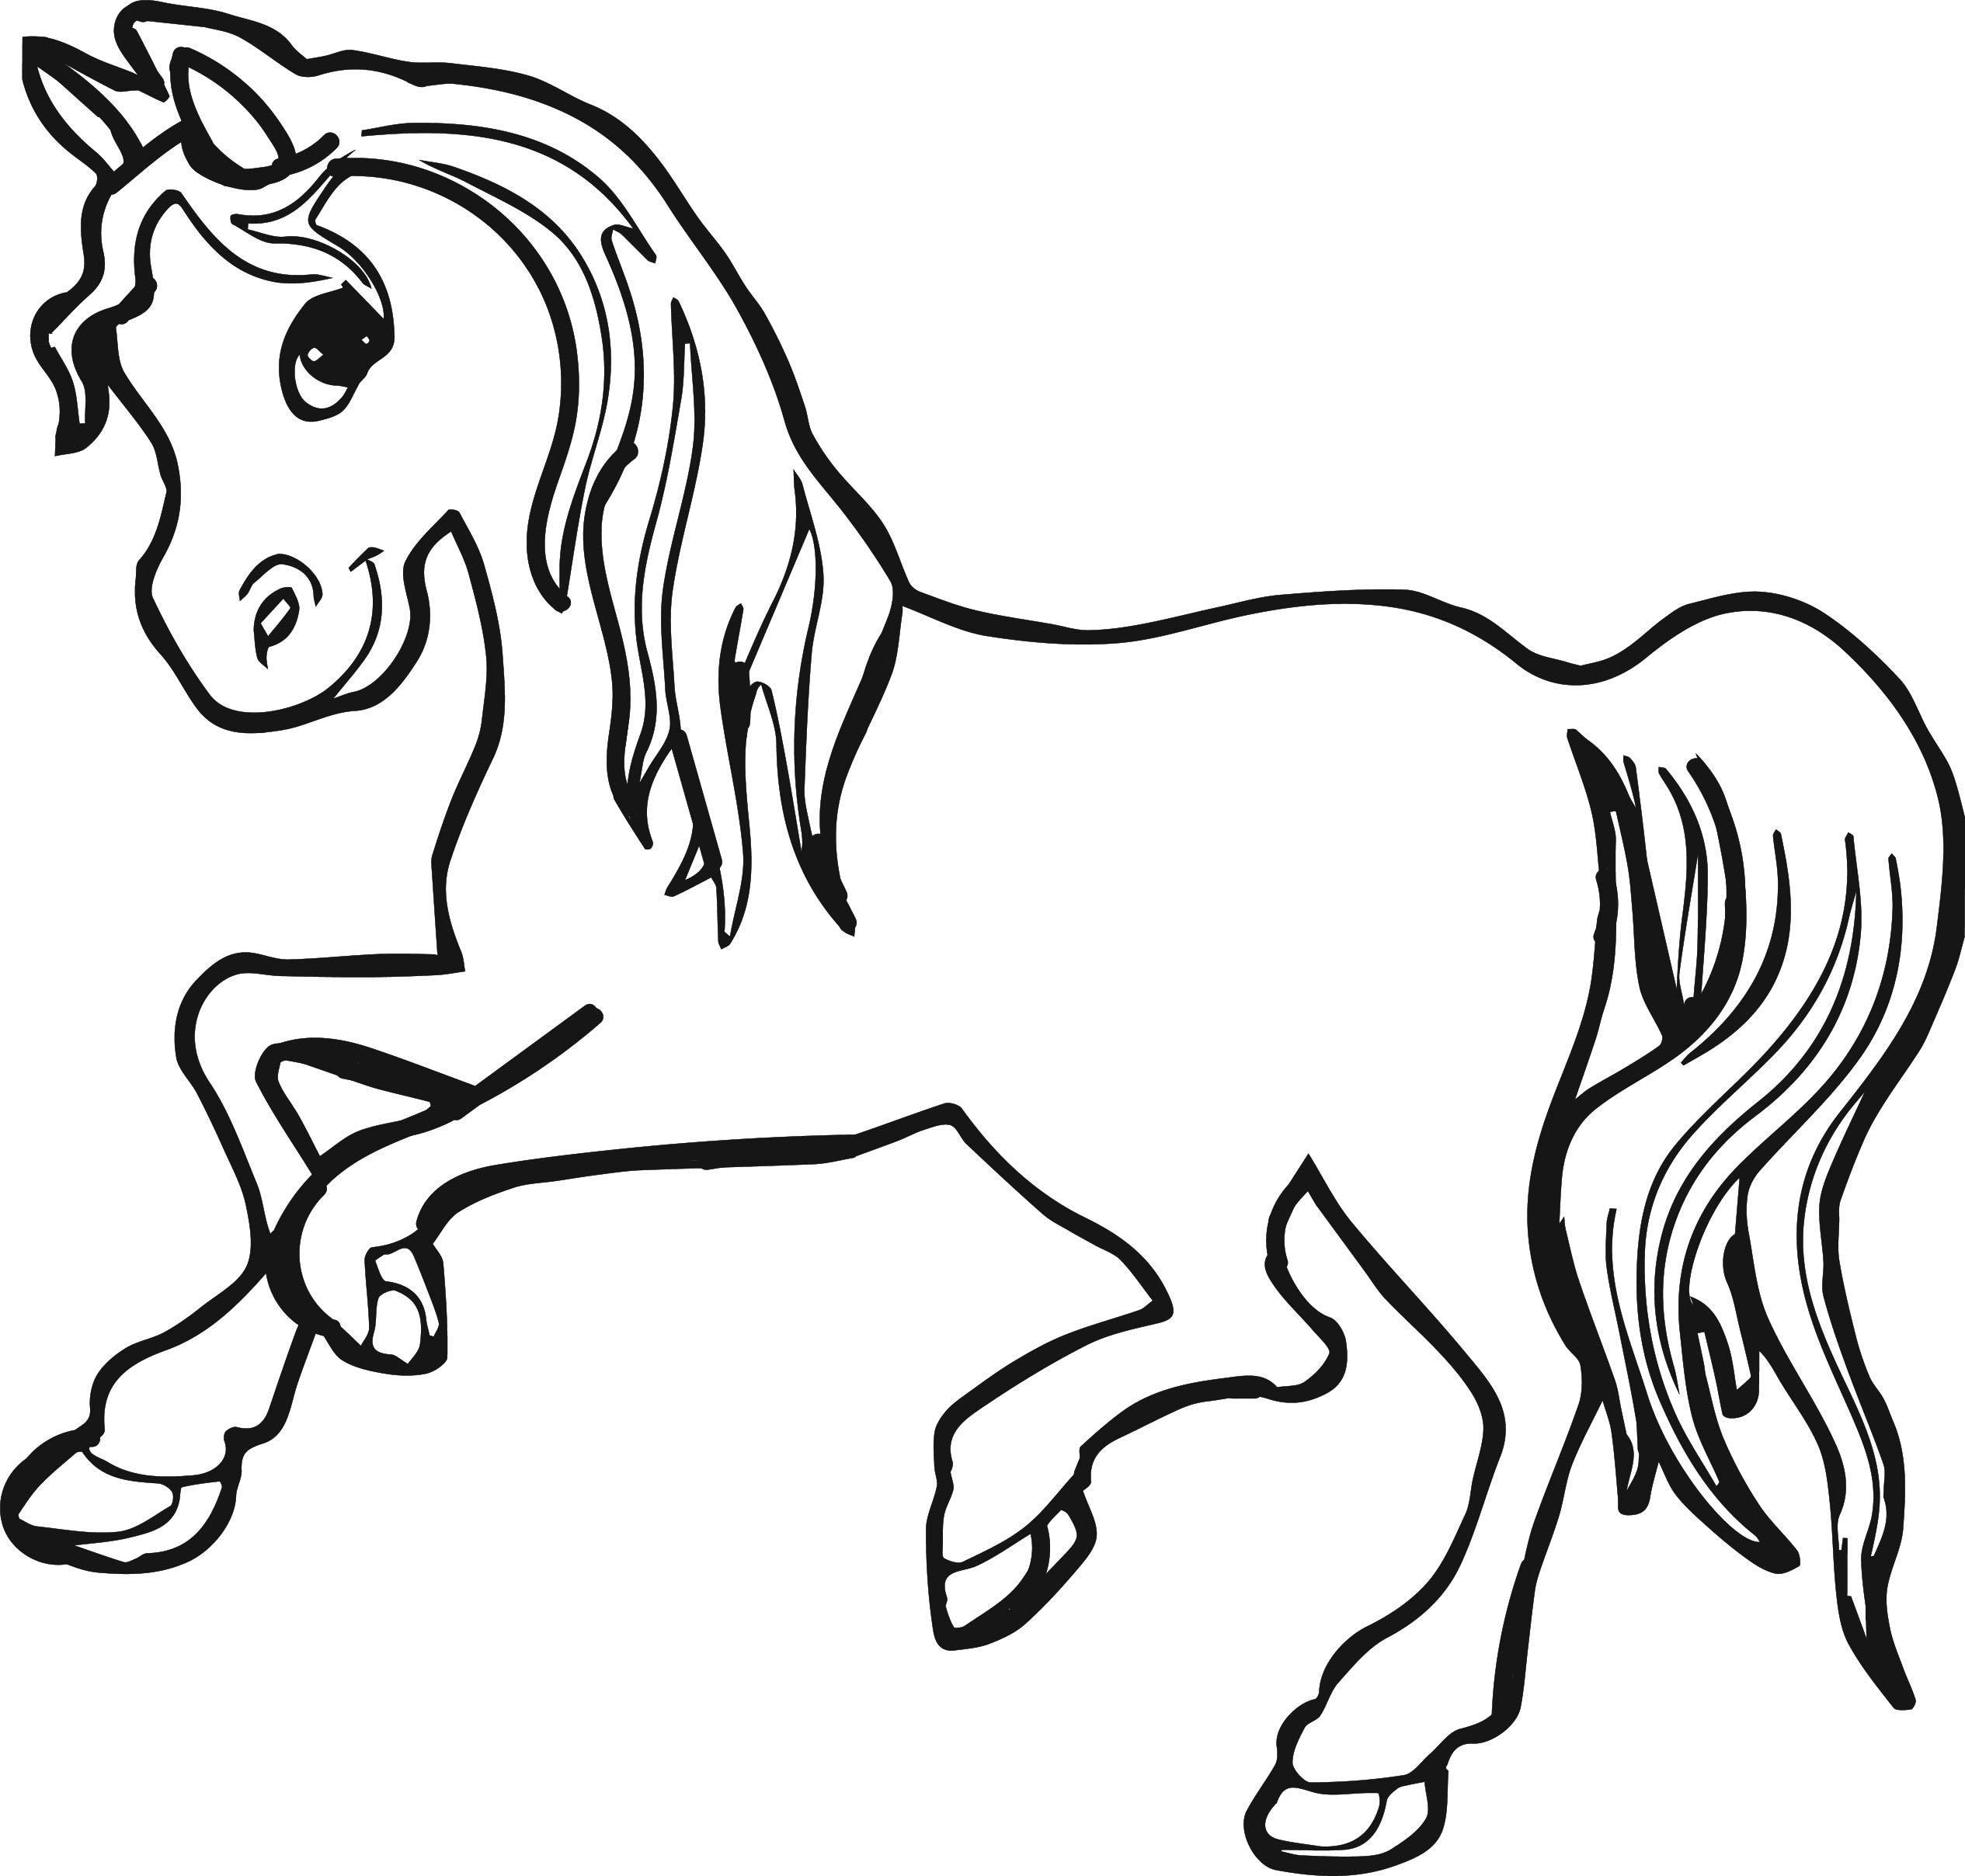 Horse Coloring Pages | Wecoloringpage à Coloriage Pour Fille